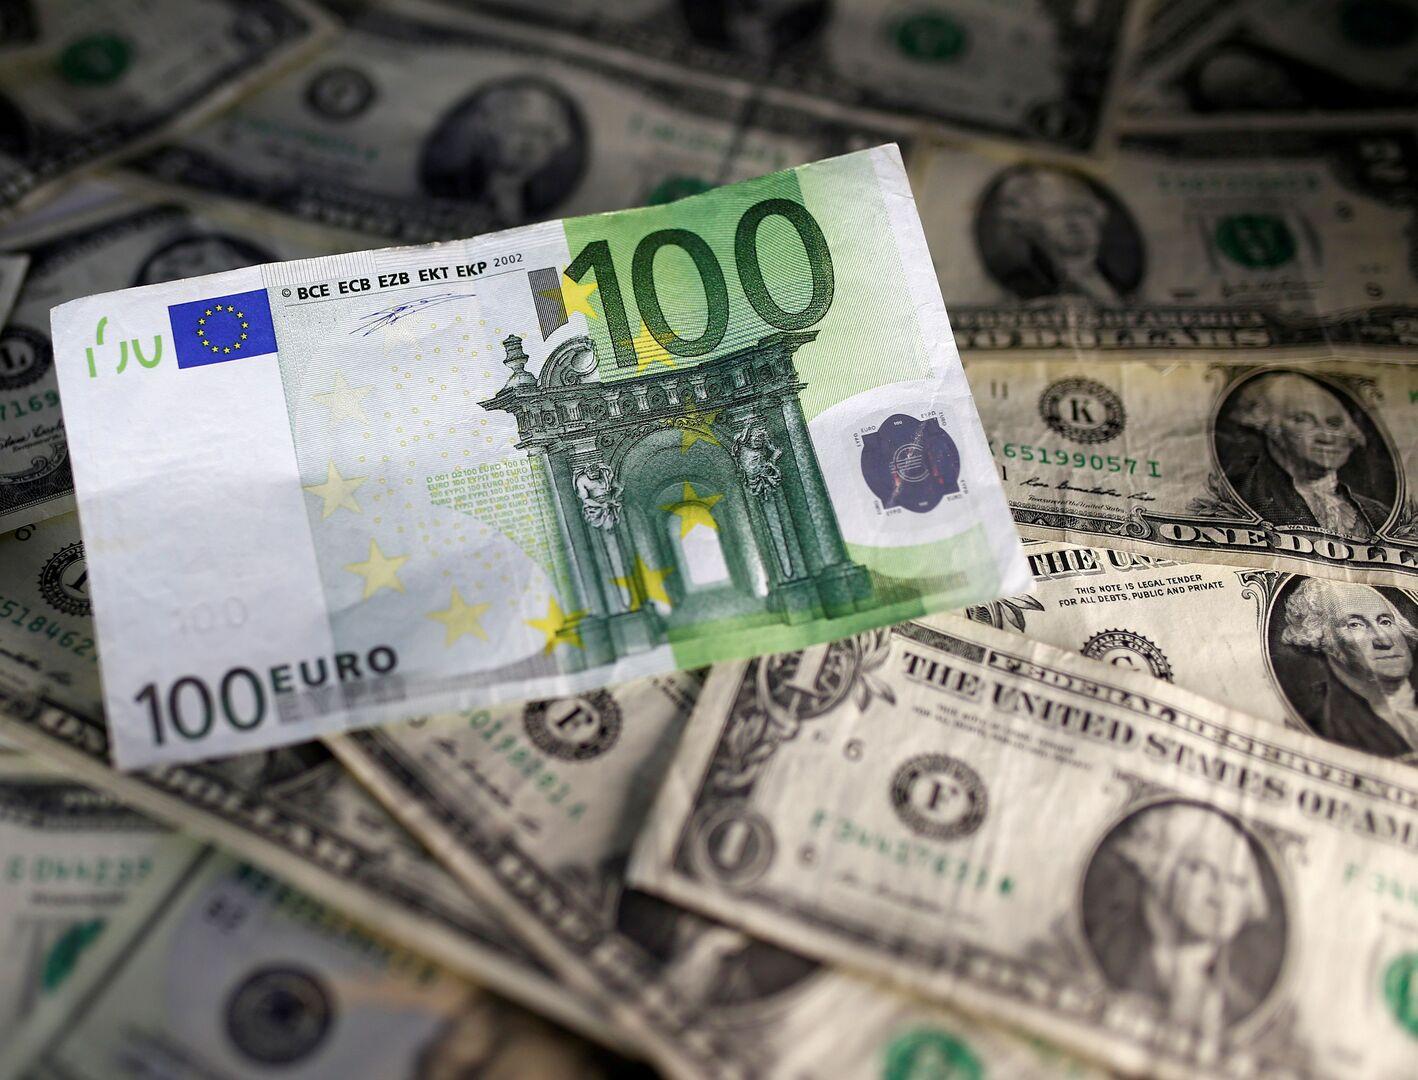 فرنسا تأمل بالتوصل لاتفاق بشأن خطة تعافي اقتصاد أوروبا بقيمة 750 مليار يورو